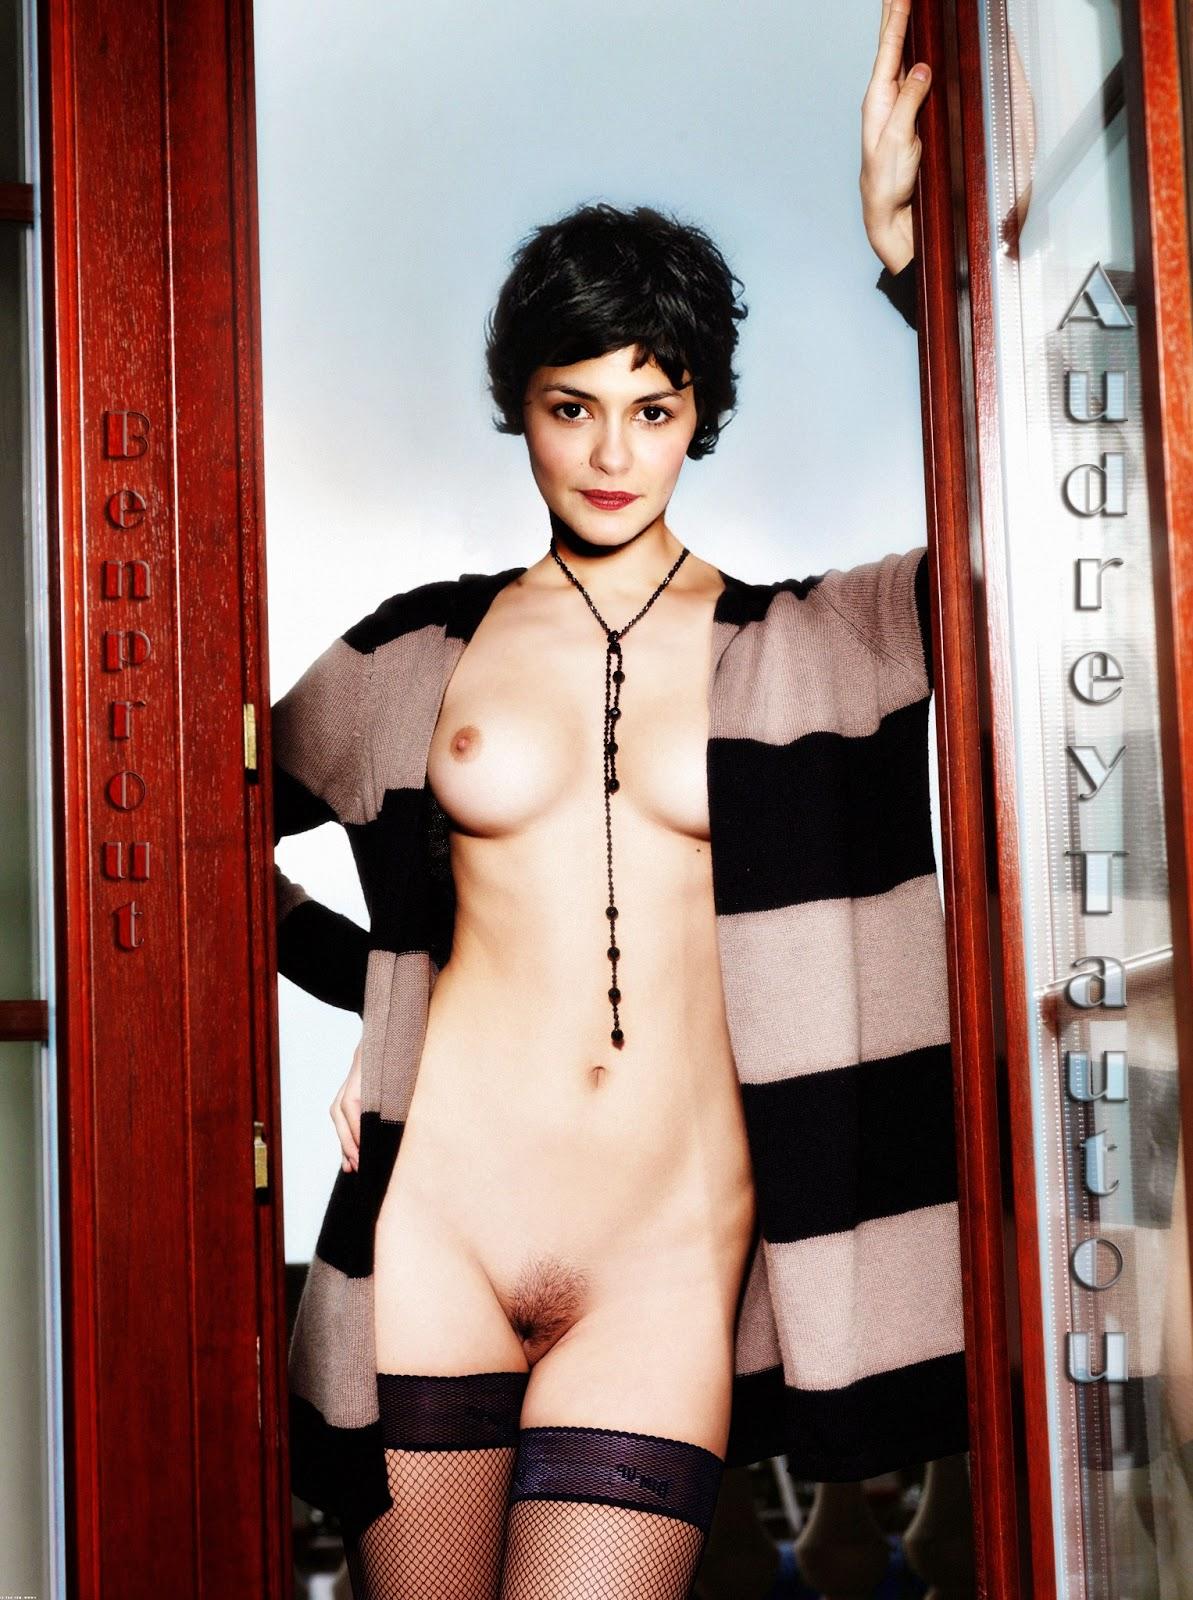 Audrey Tautou 3 Porn Pictures, XXX Photos, Sex Images